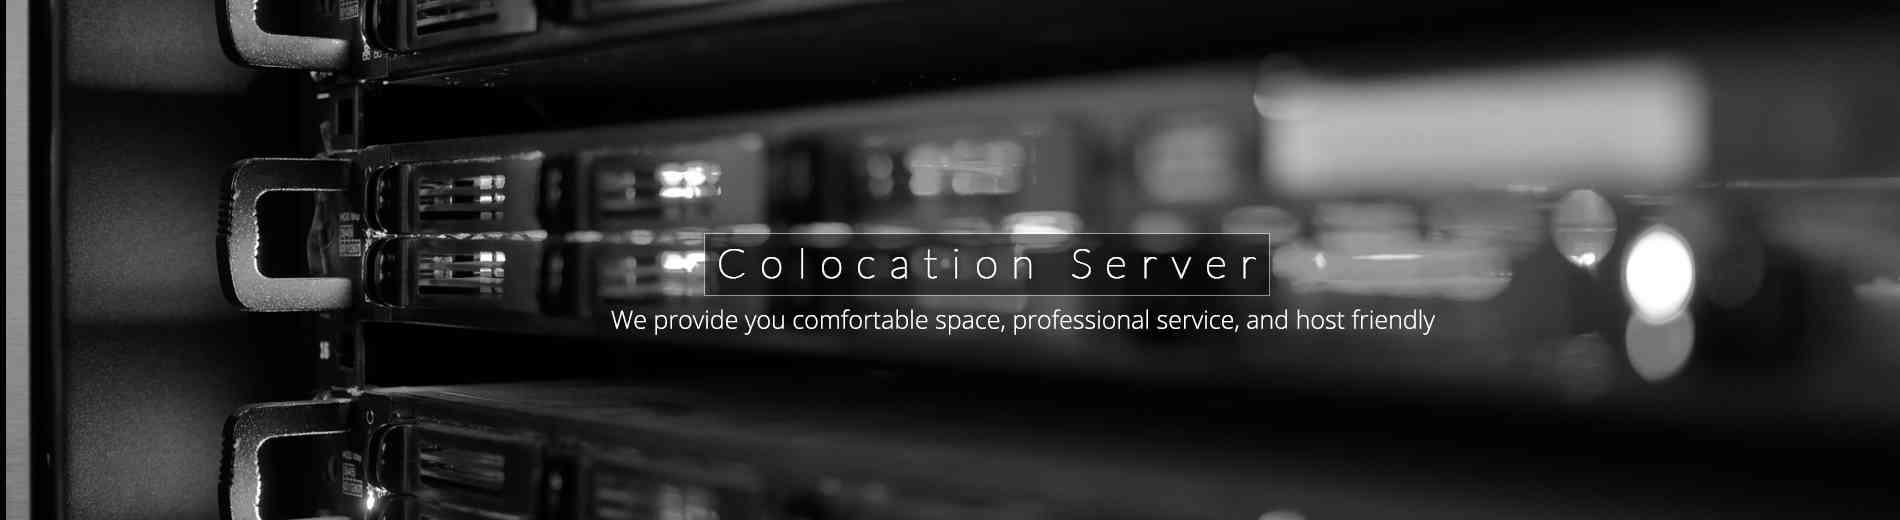 colocation1-com